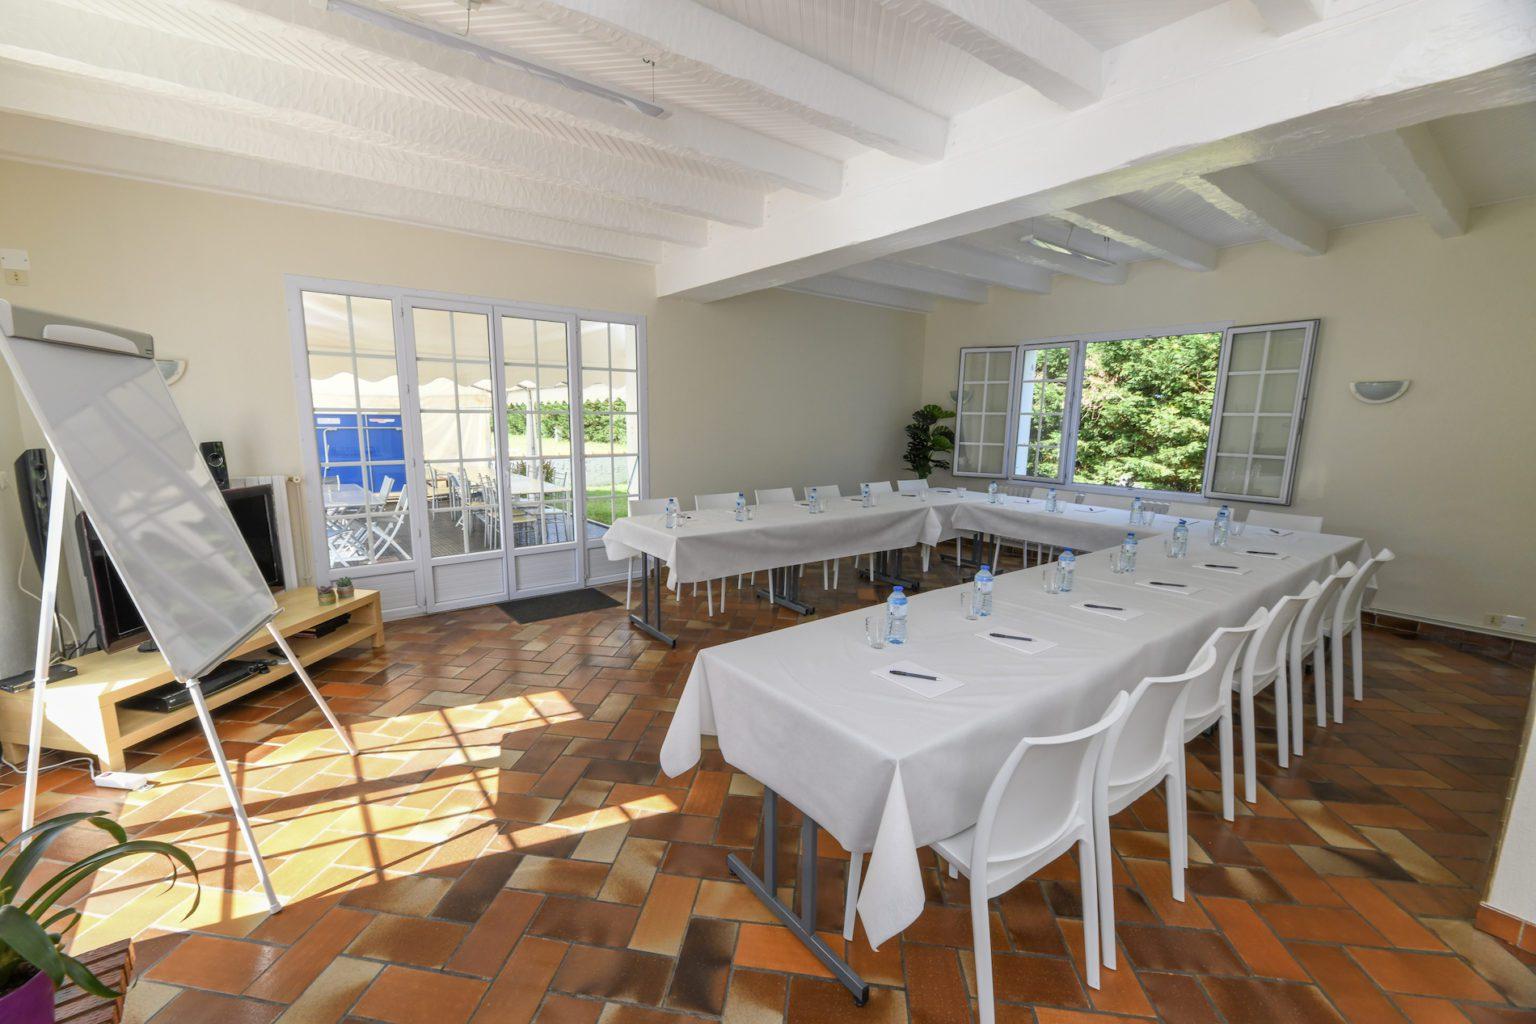 Salle de réception - Entreprise - Séminaire - Mariage - Réunion - Groupes - Jard-sur-Mer - Vendée